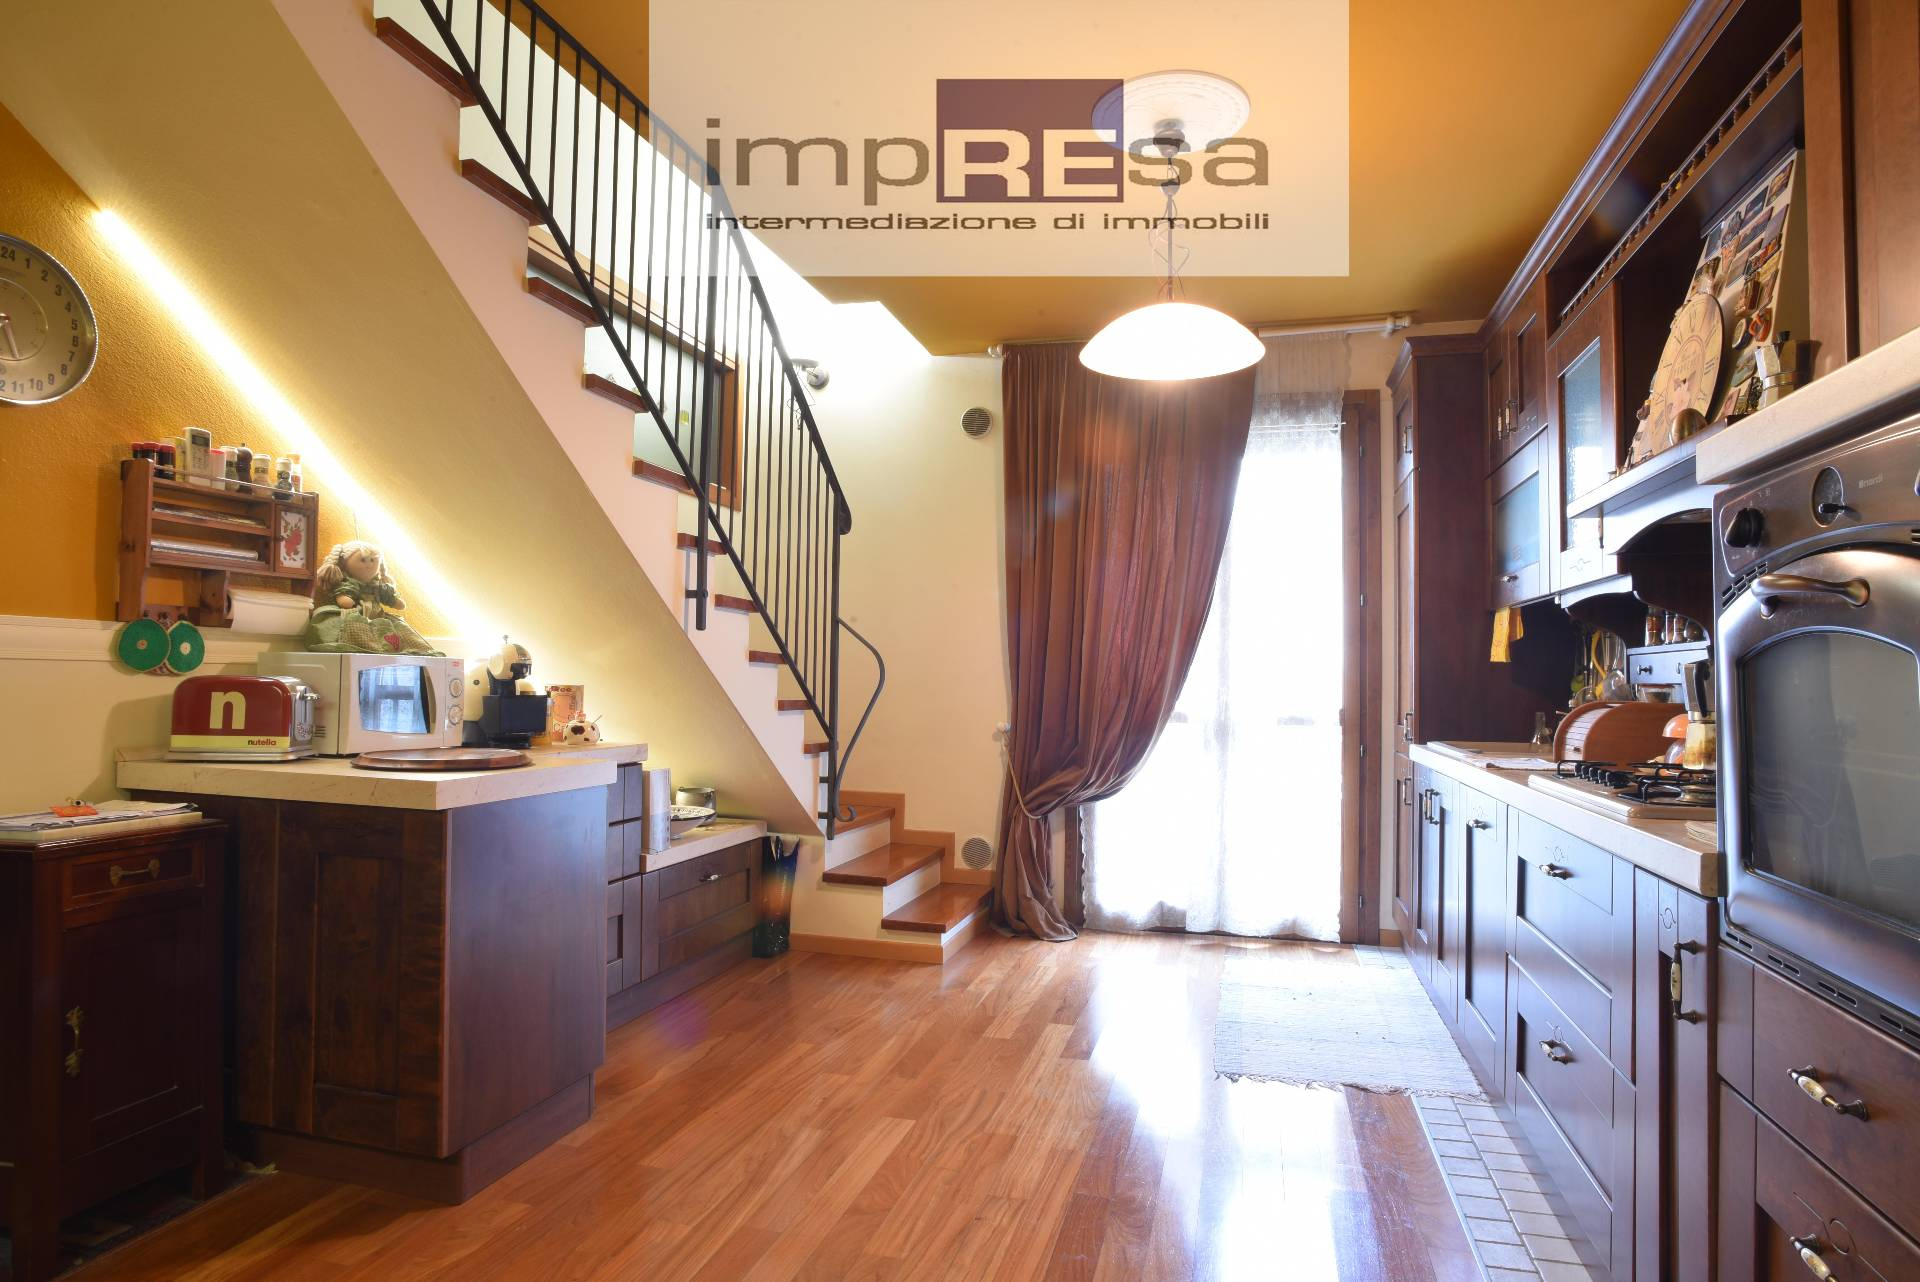 Appartamento in vendita a Istrana, 3 locali, zona an, prezzo € 100.000 | PortaleAgenzieImmobiliari.it